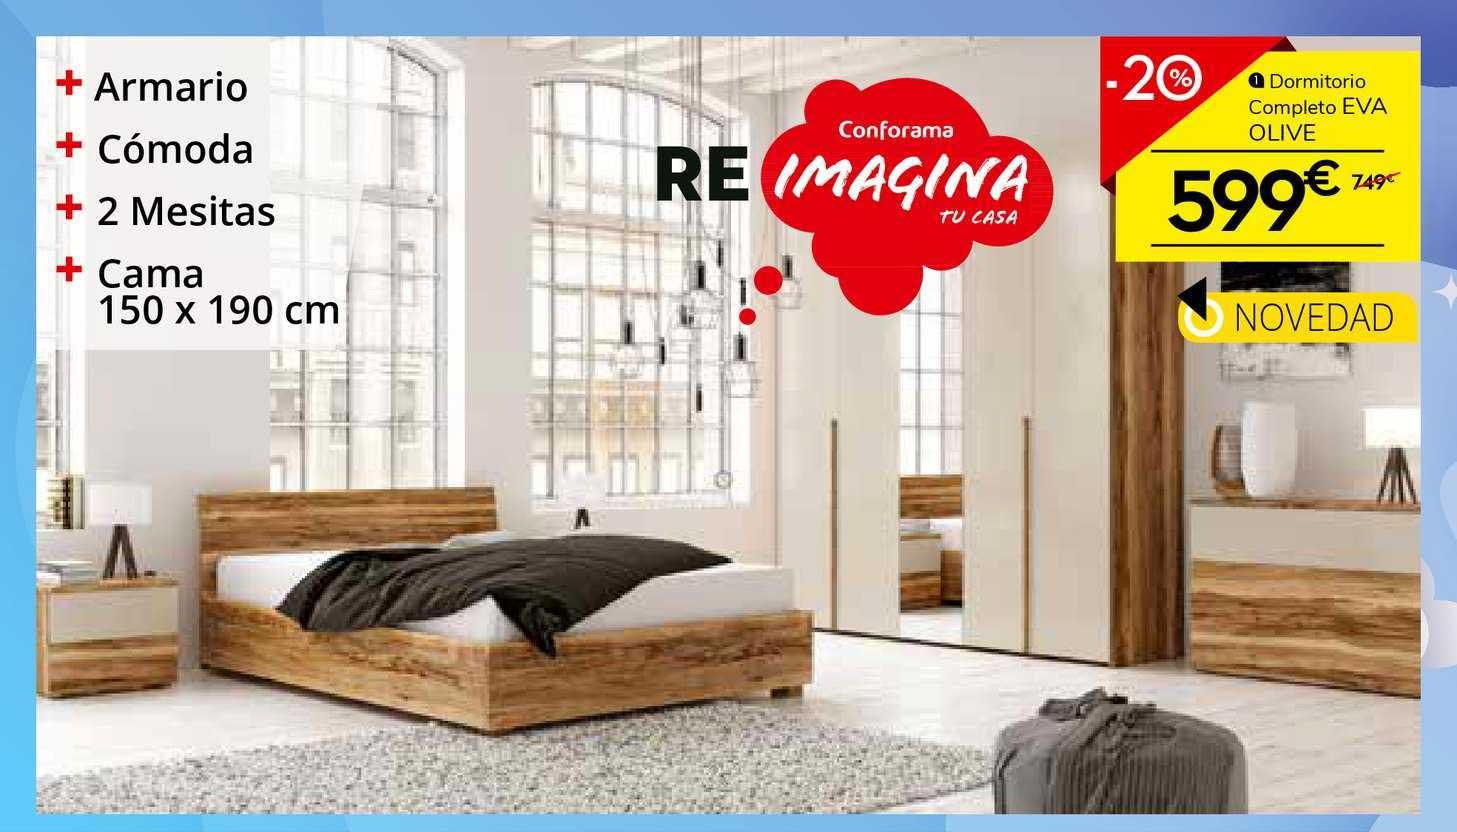 Conforama -20% Dormitorio Completo Eva Olive